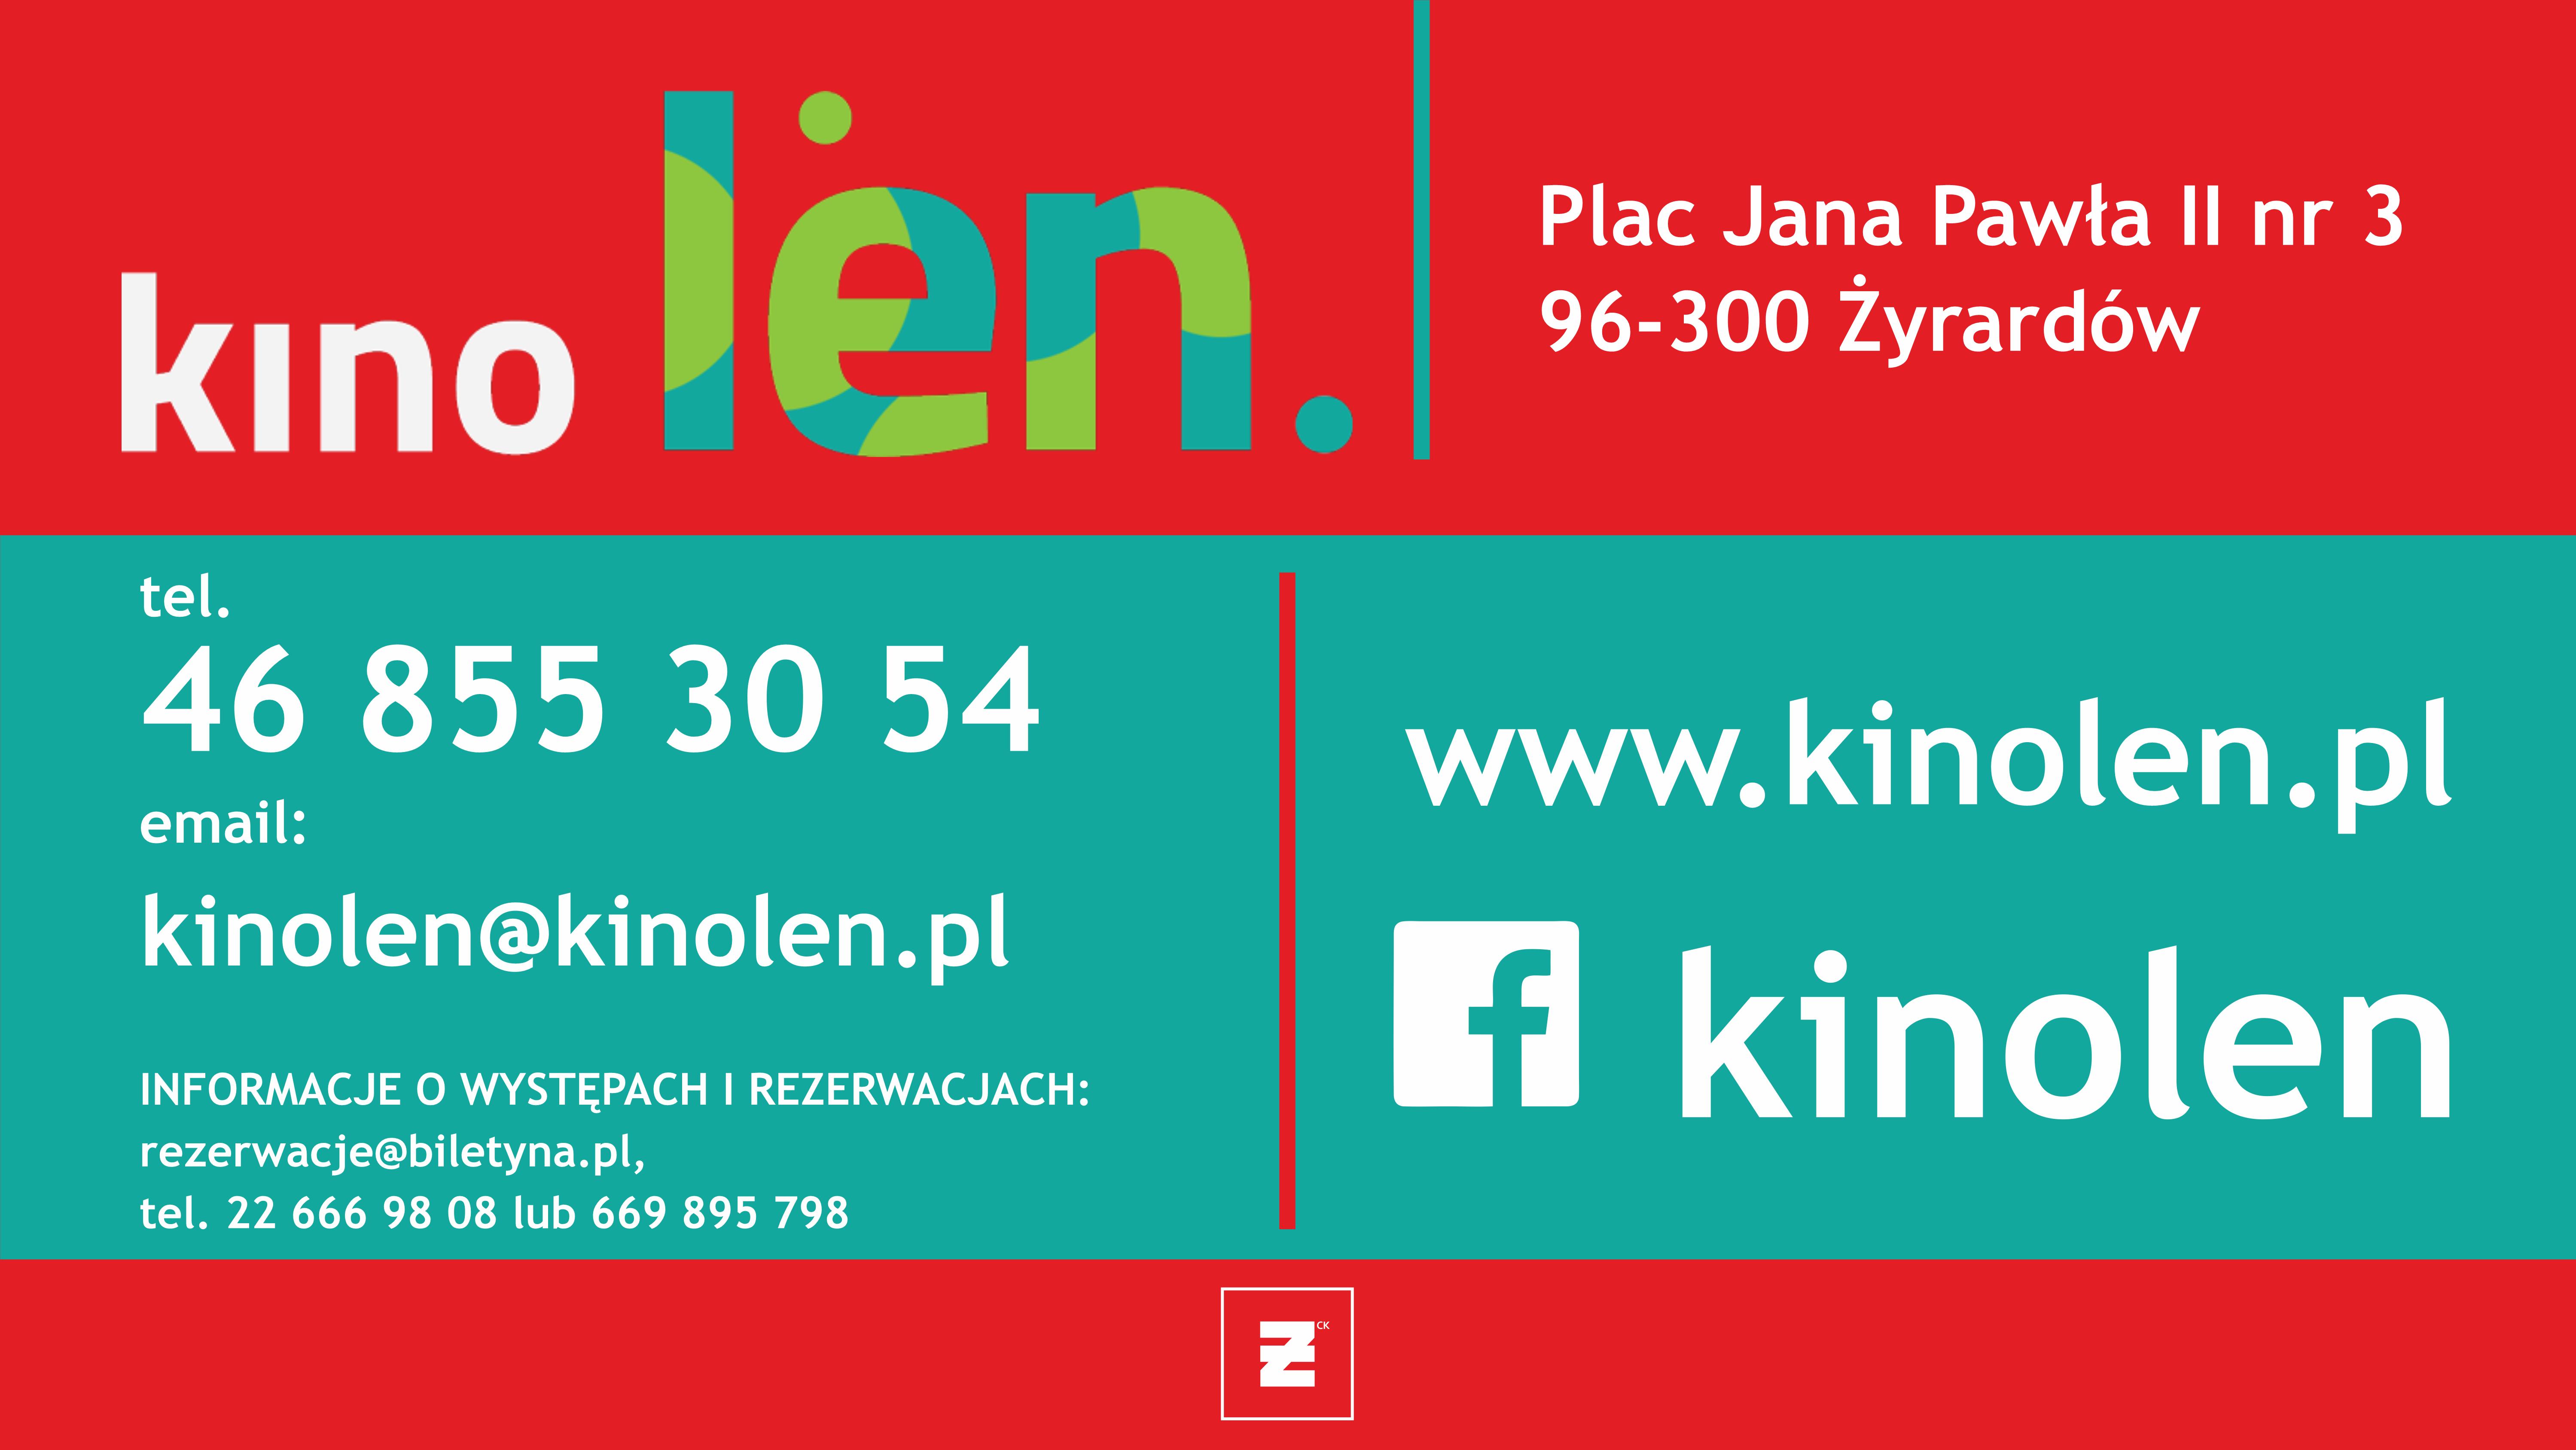 https://kinolen.pl/wp-content/uploads/2019/12/1-1.png